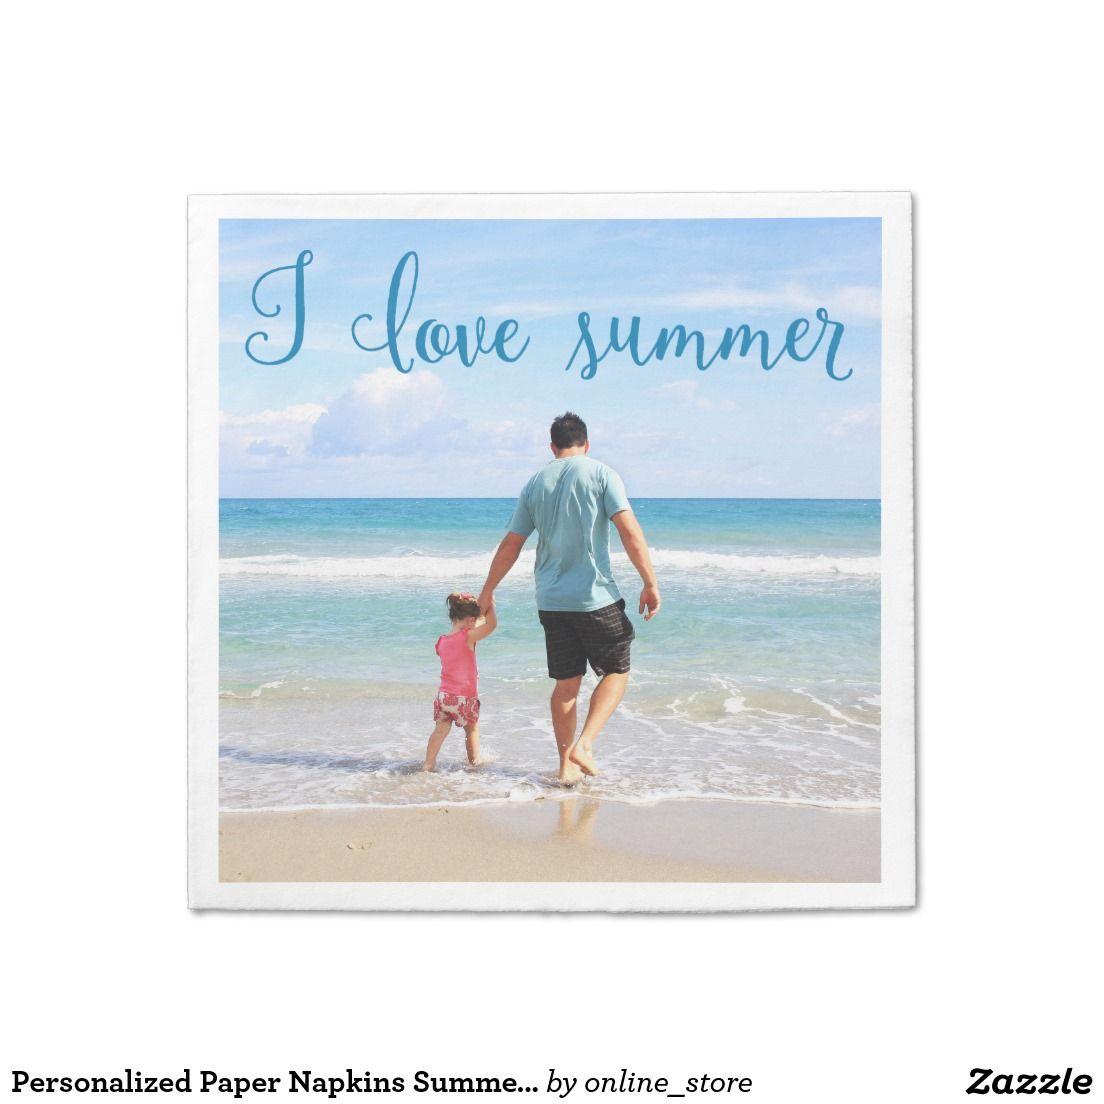 Personalized Paper Napkins Summer Add Photo | Zazzle.com